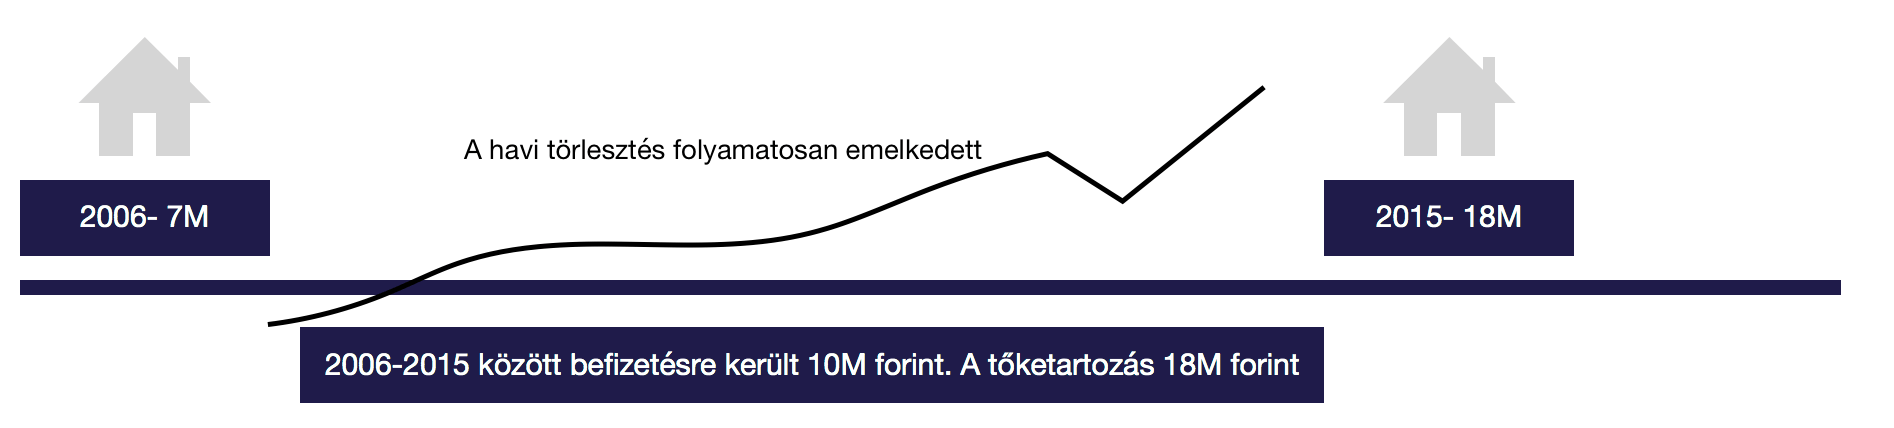 2006-2015 között beizetésre került 10M forint devizahitel